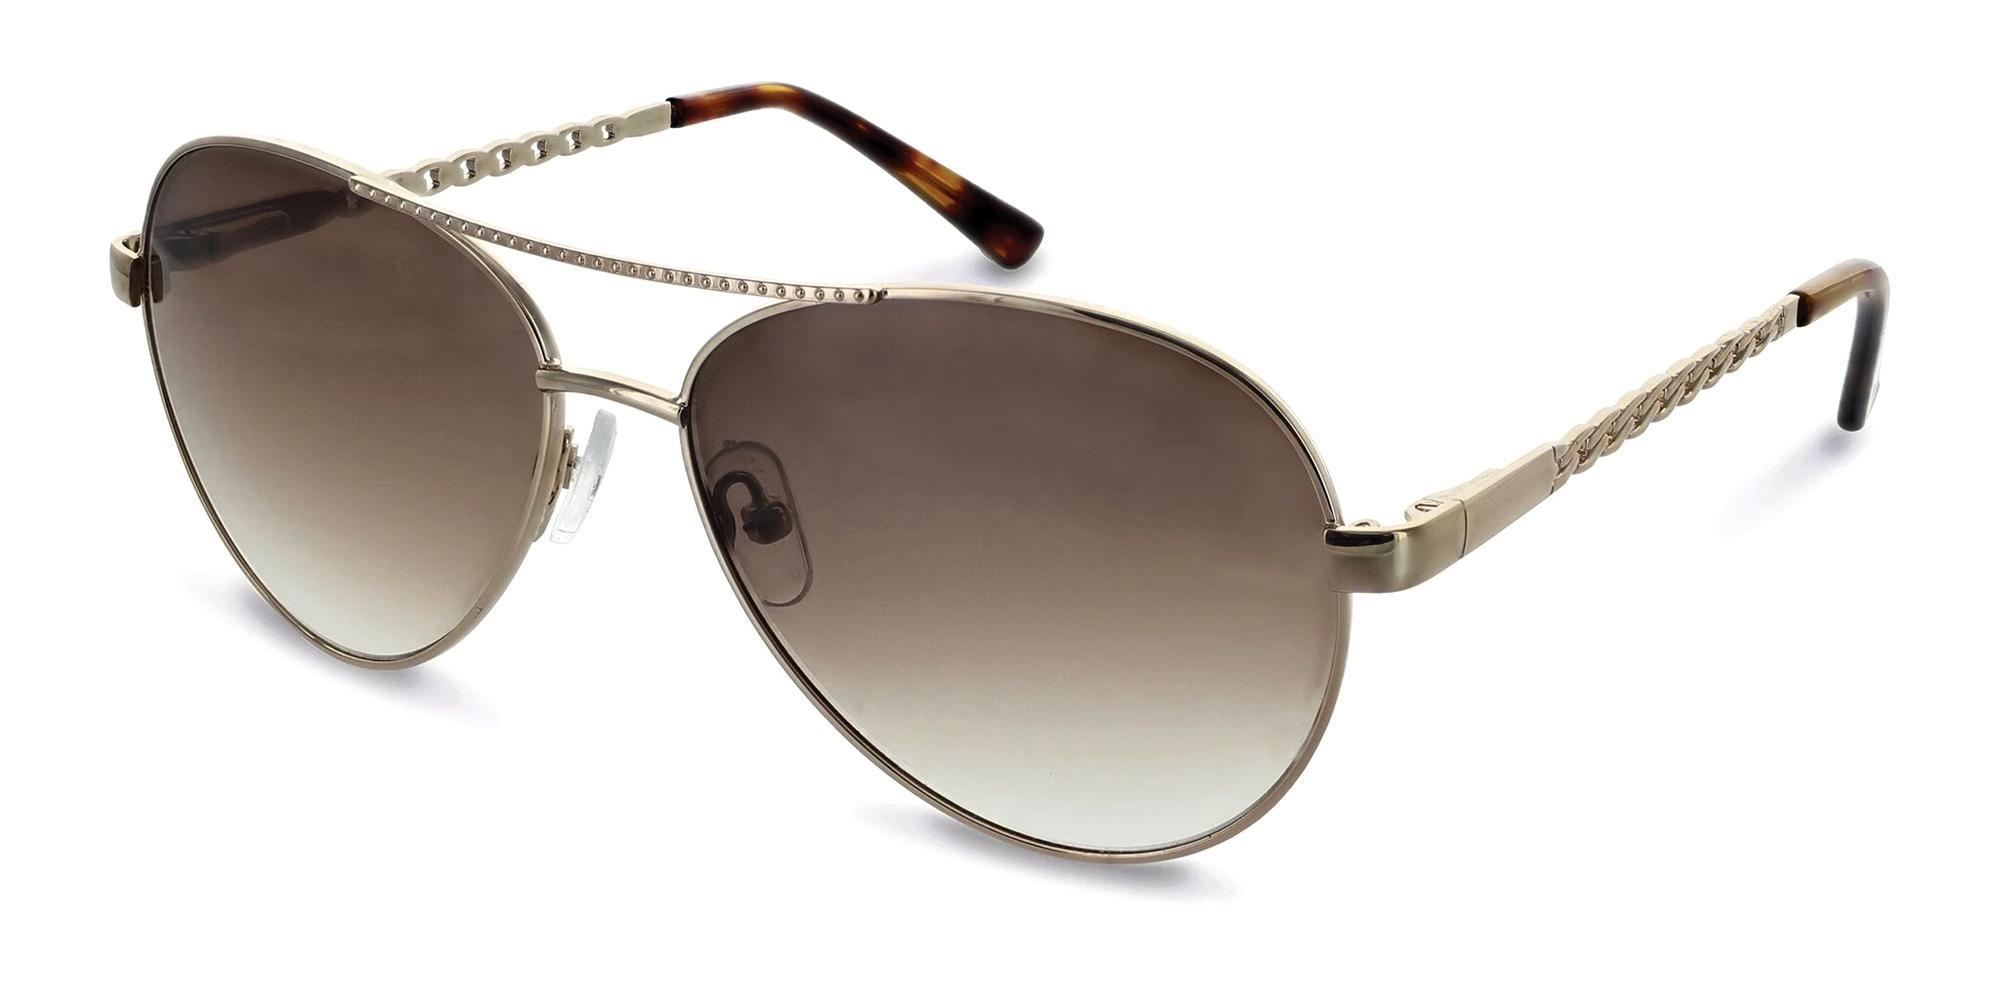 best sunglasses for winter sports winter walks women